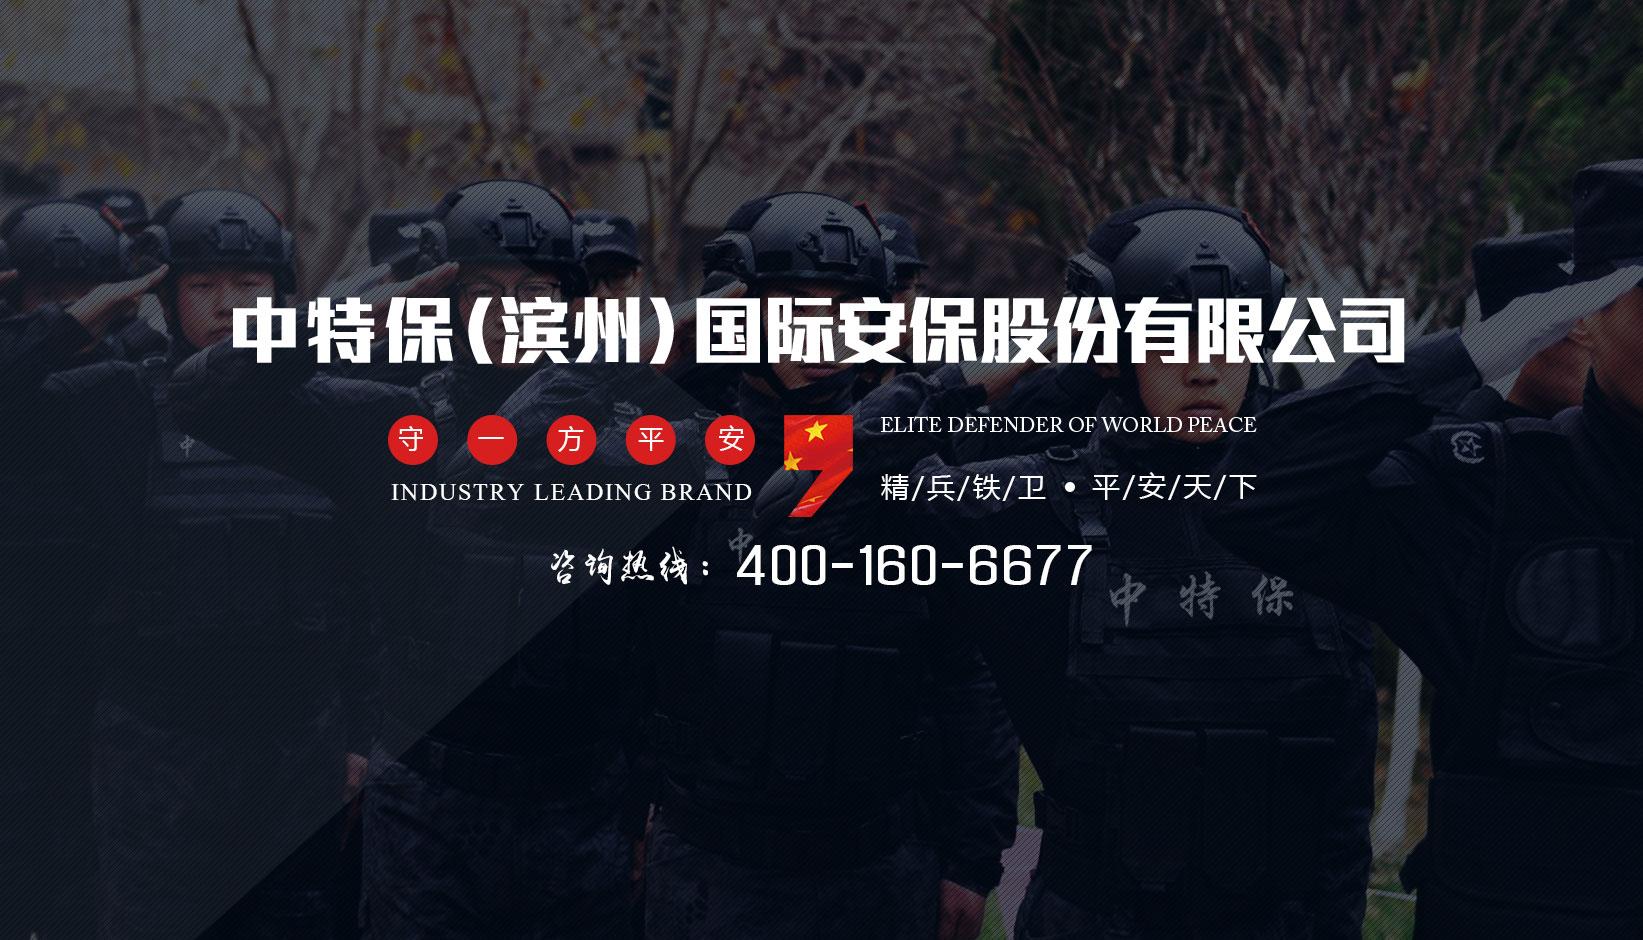 http://www.bzzhongtebao.com/infomation